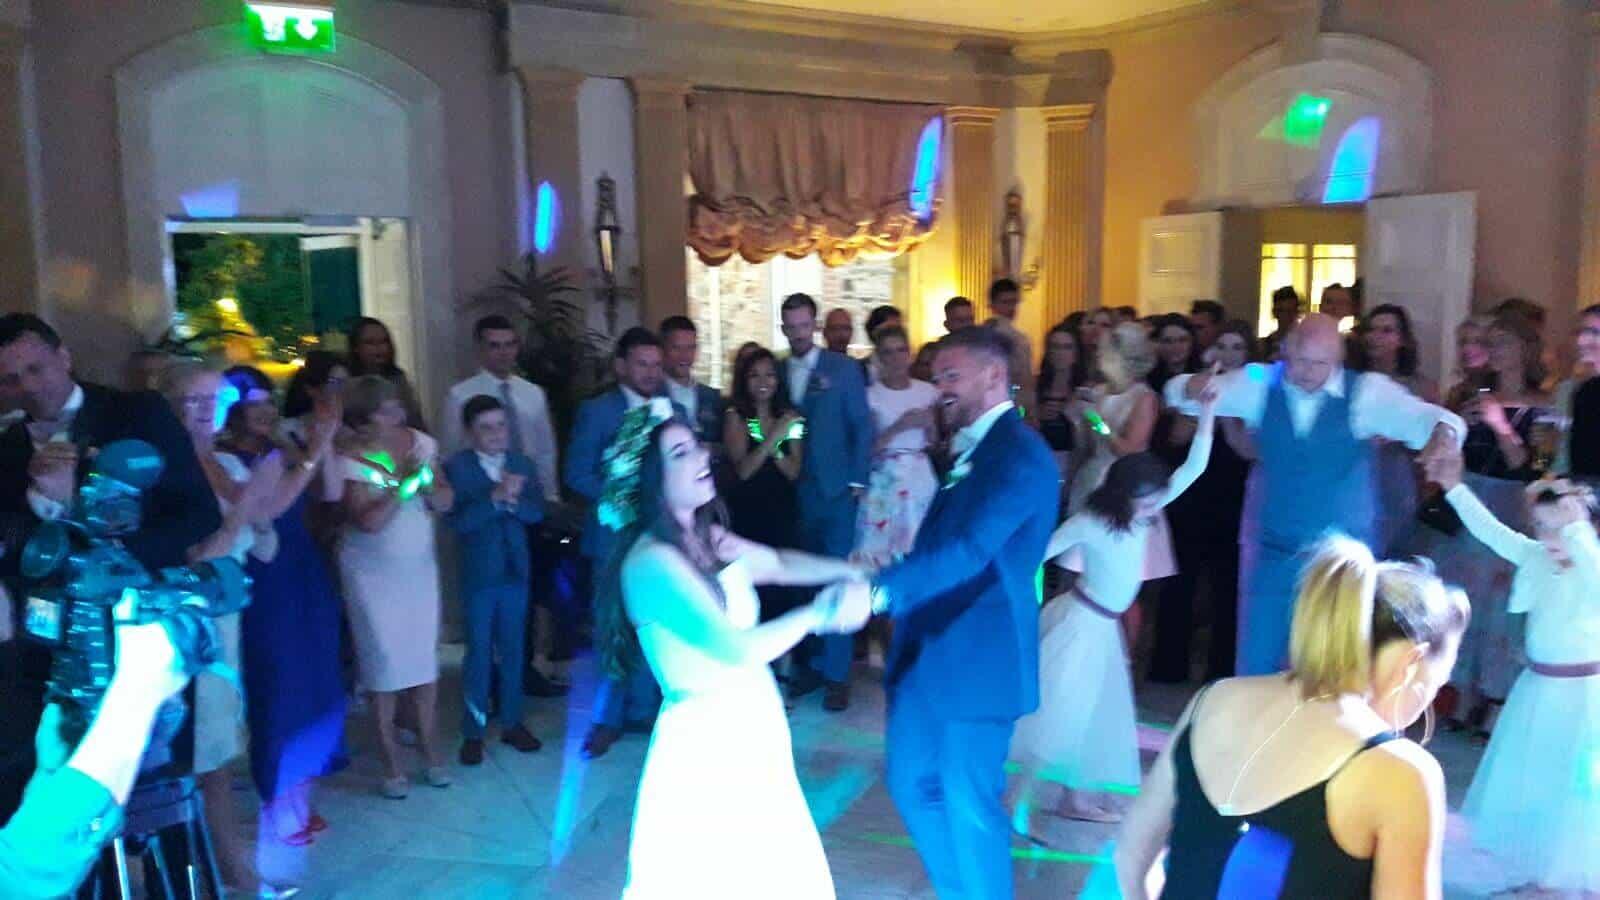 Best wedding bands dublin group shot | The Moogs